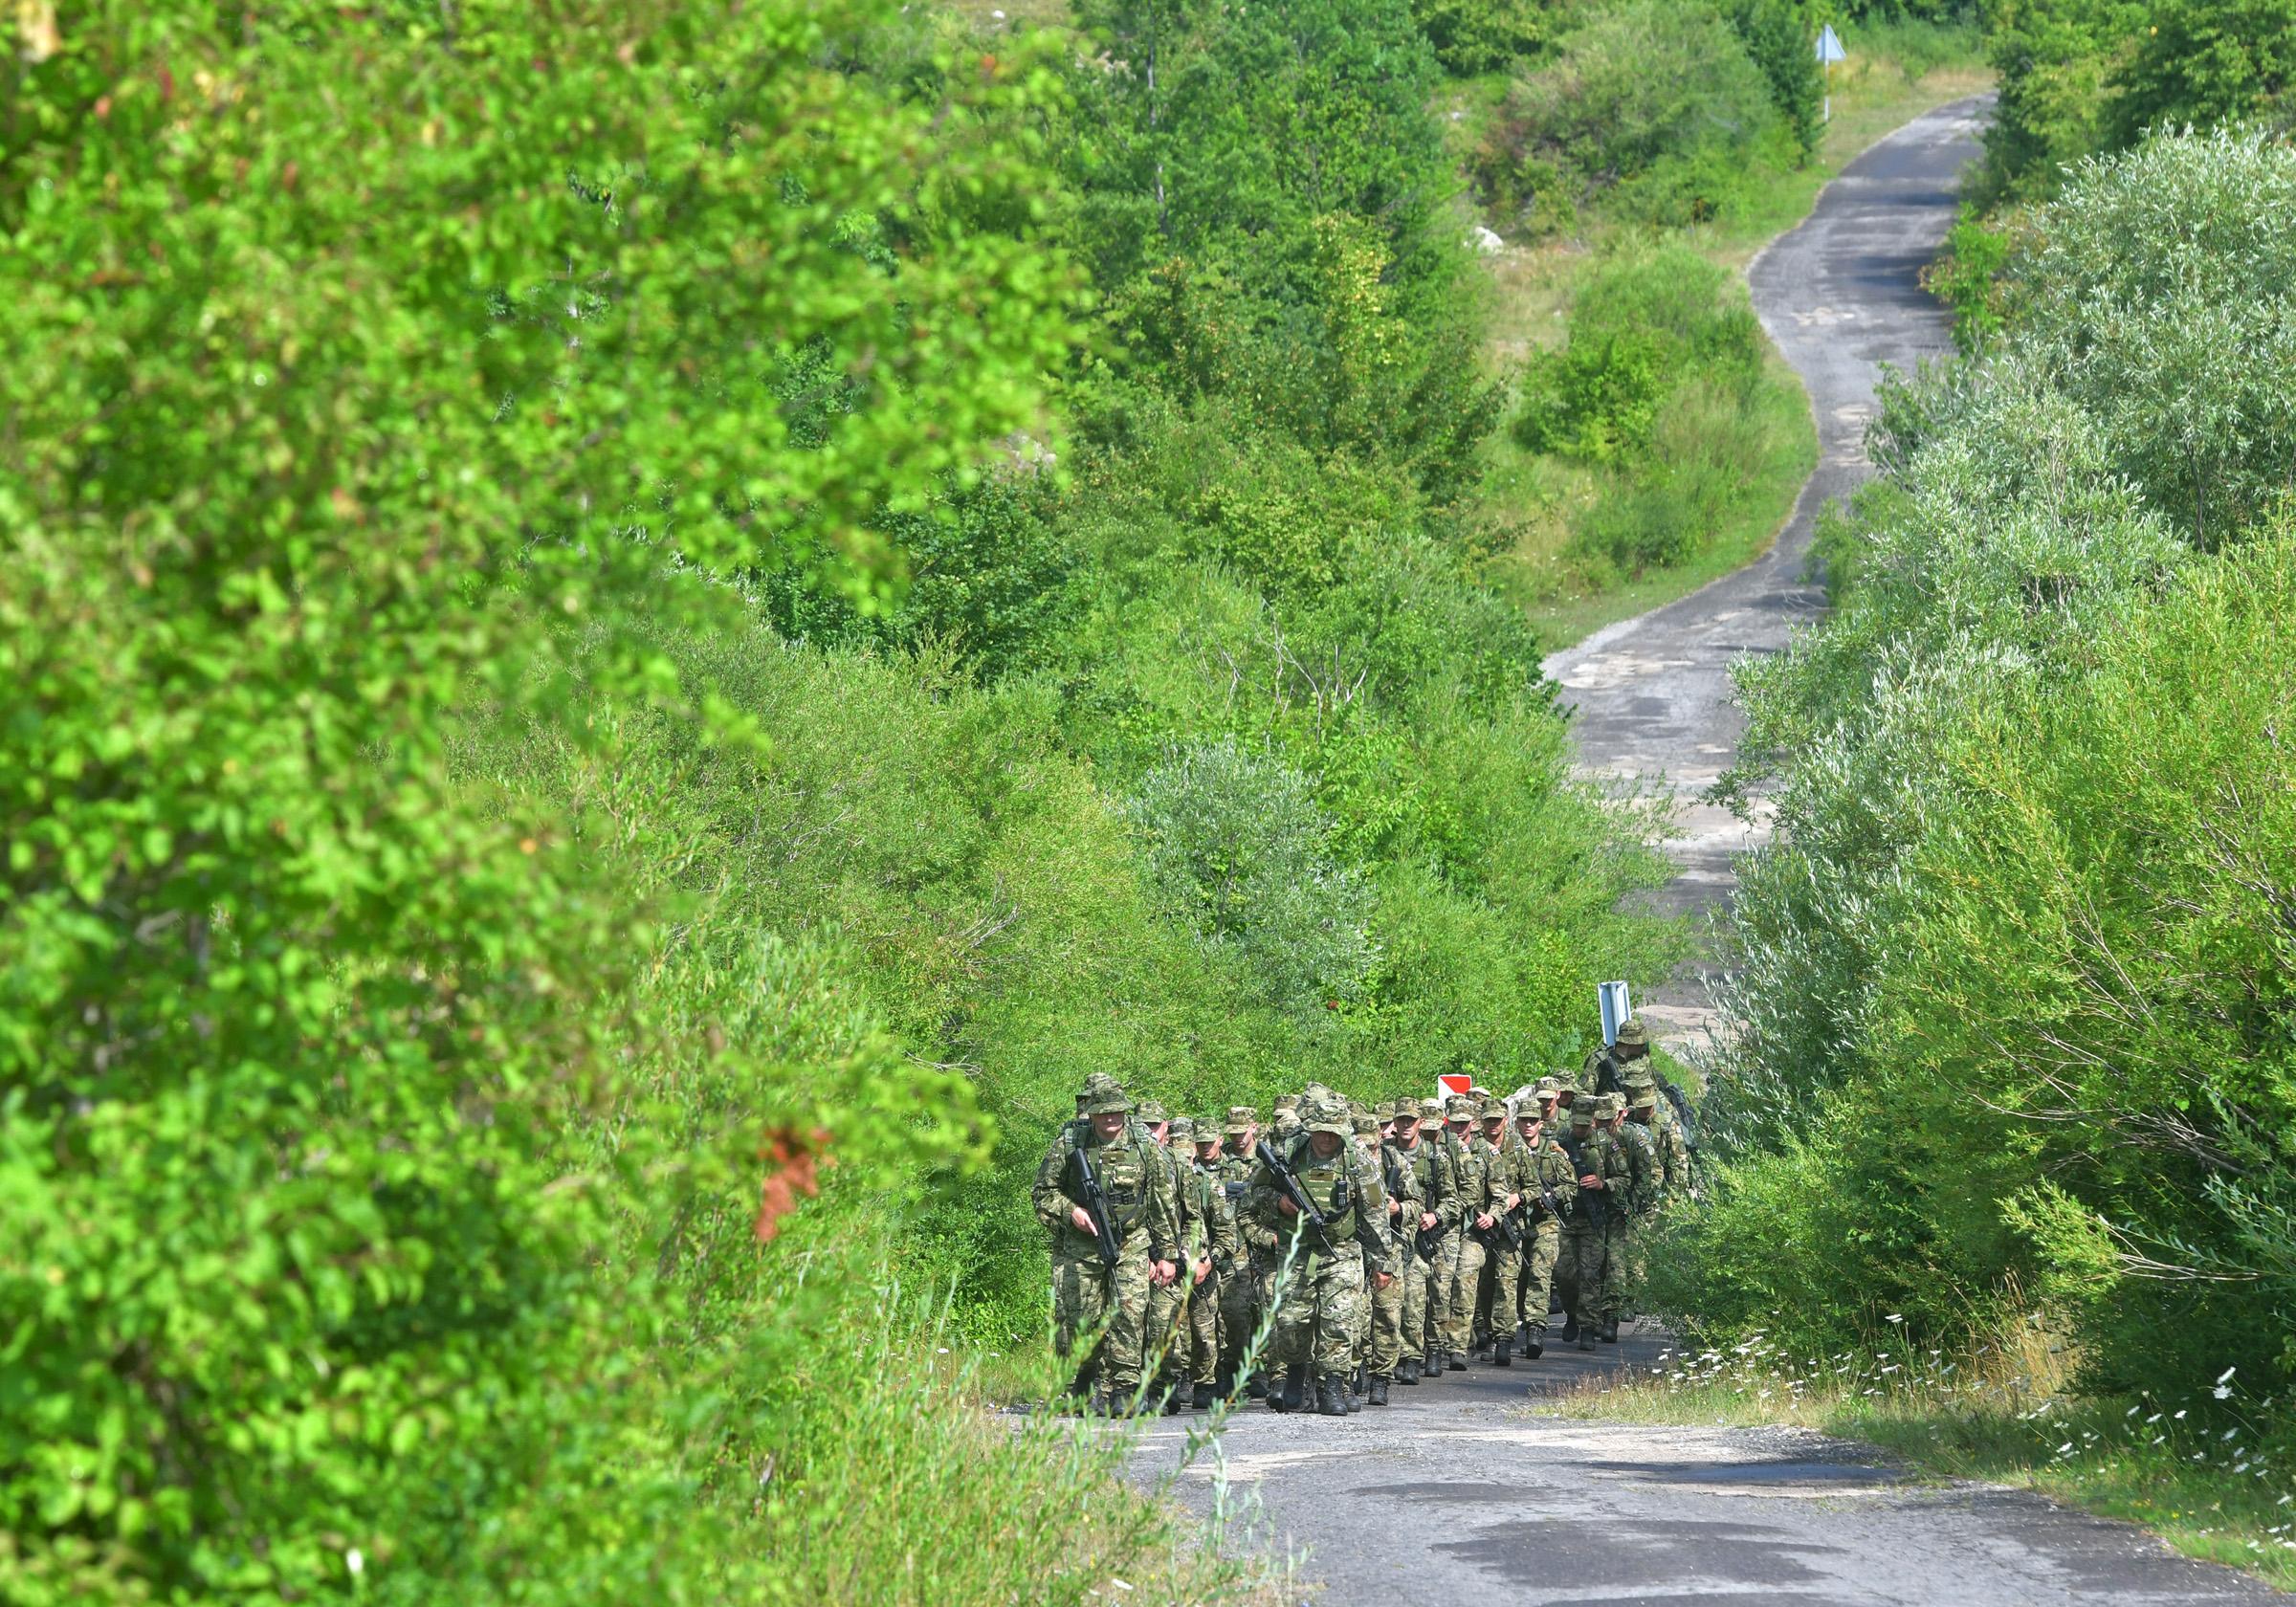 Polaznici hodnje prošli trećinu puta do Knina